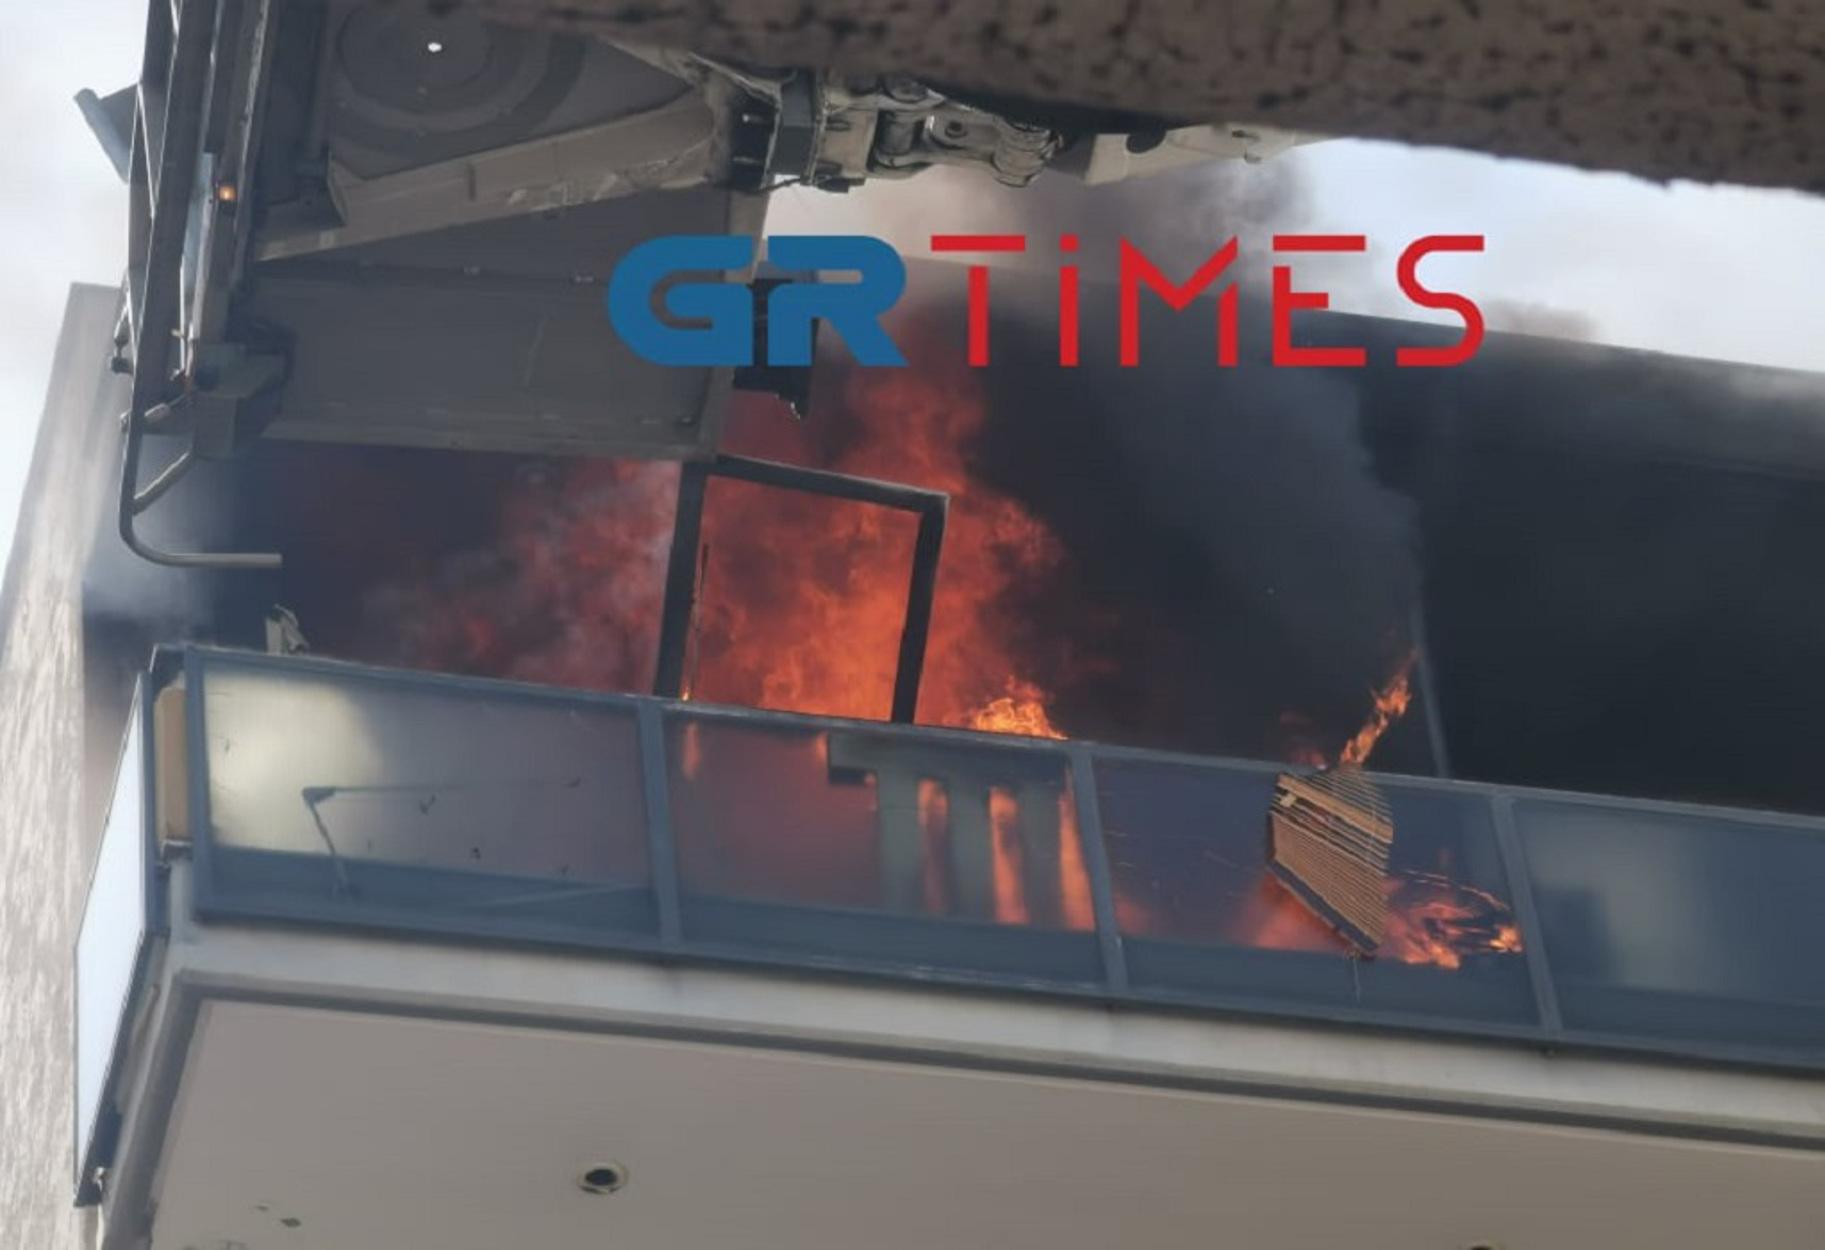 Θεσσαλονίκη: Φωτιά σε διαμέρισμα στην Καλαμαριά – «Ακούστηκαν 2 εκρήξεις»